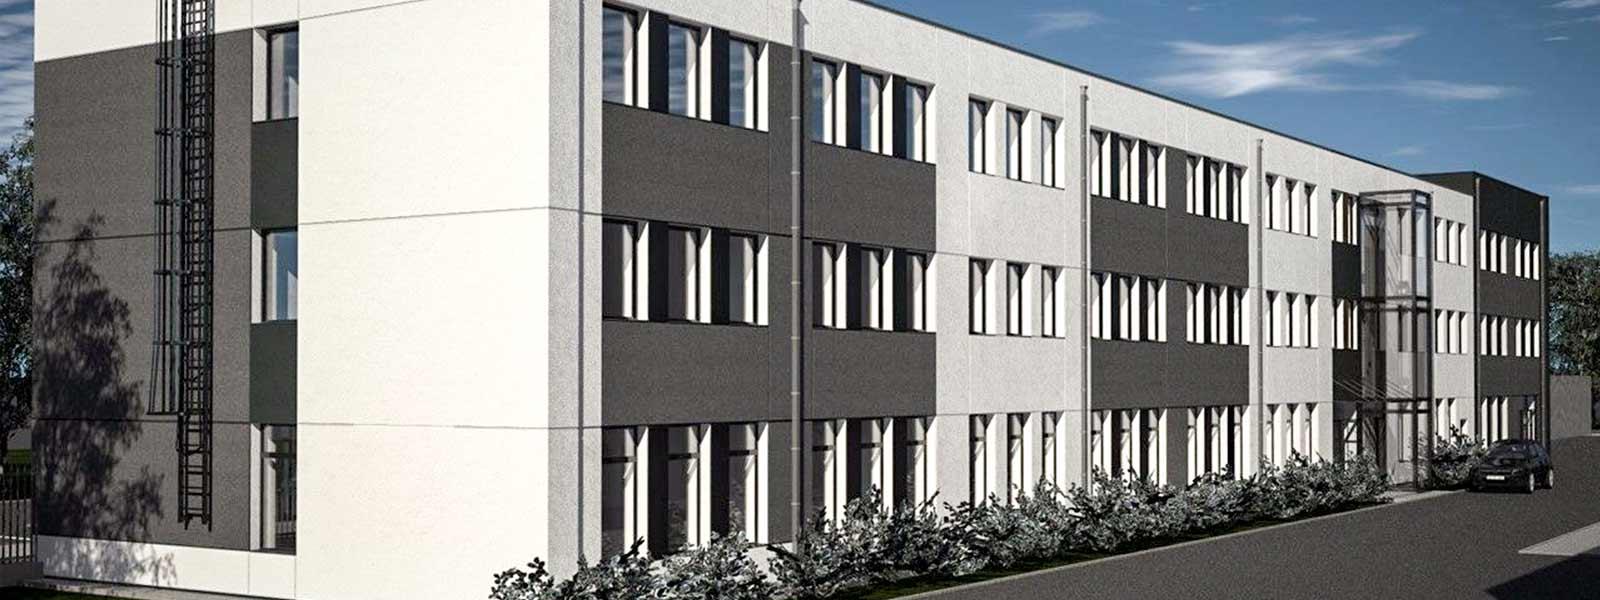 Lublin Czechów, ul. Stefczyka 50 m2 - TNGS Tomasz Karman - Biuro Obsługi Inwestora - Lublin